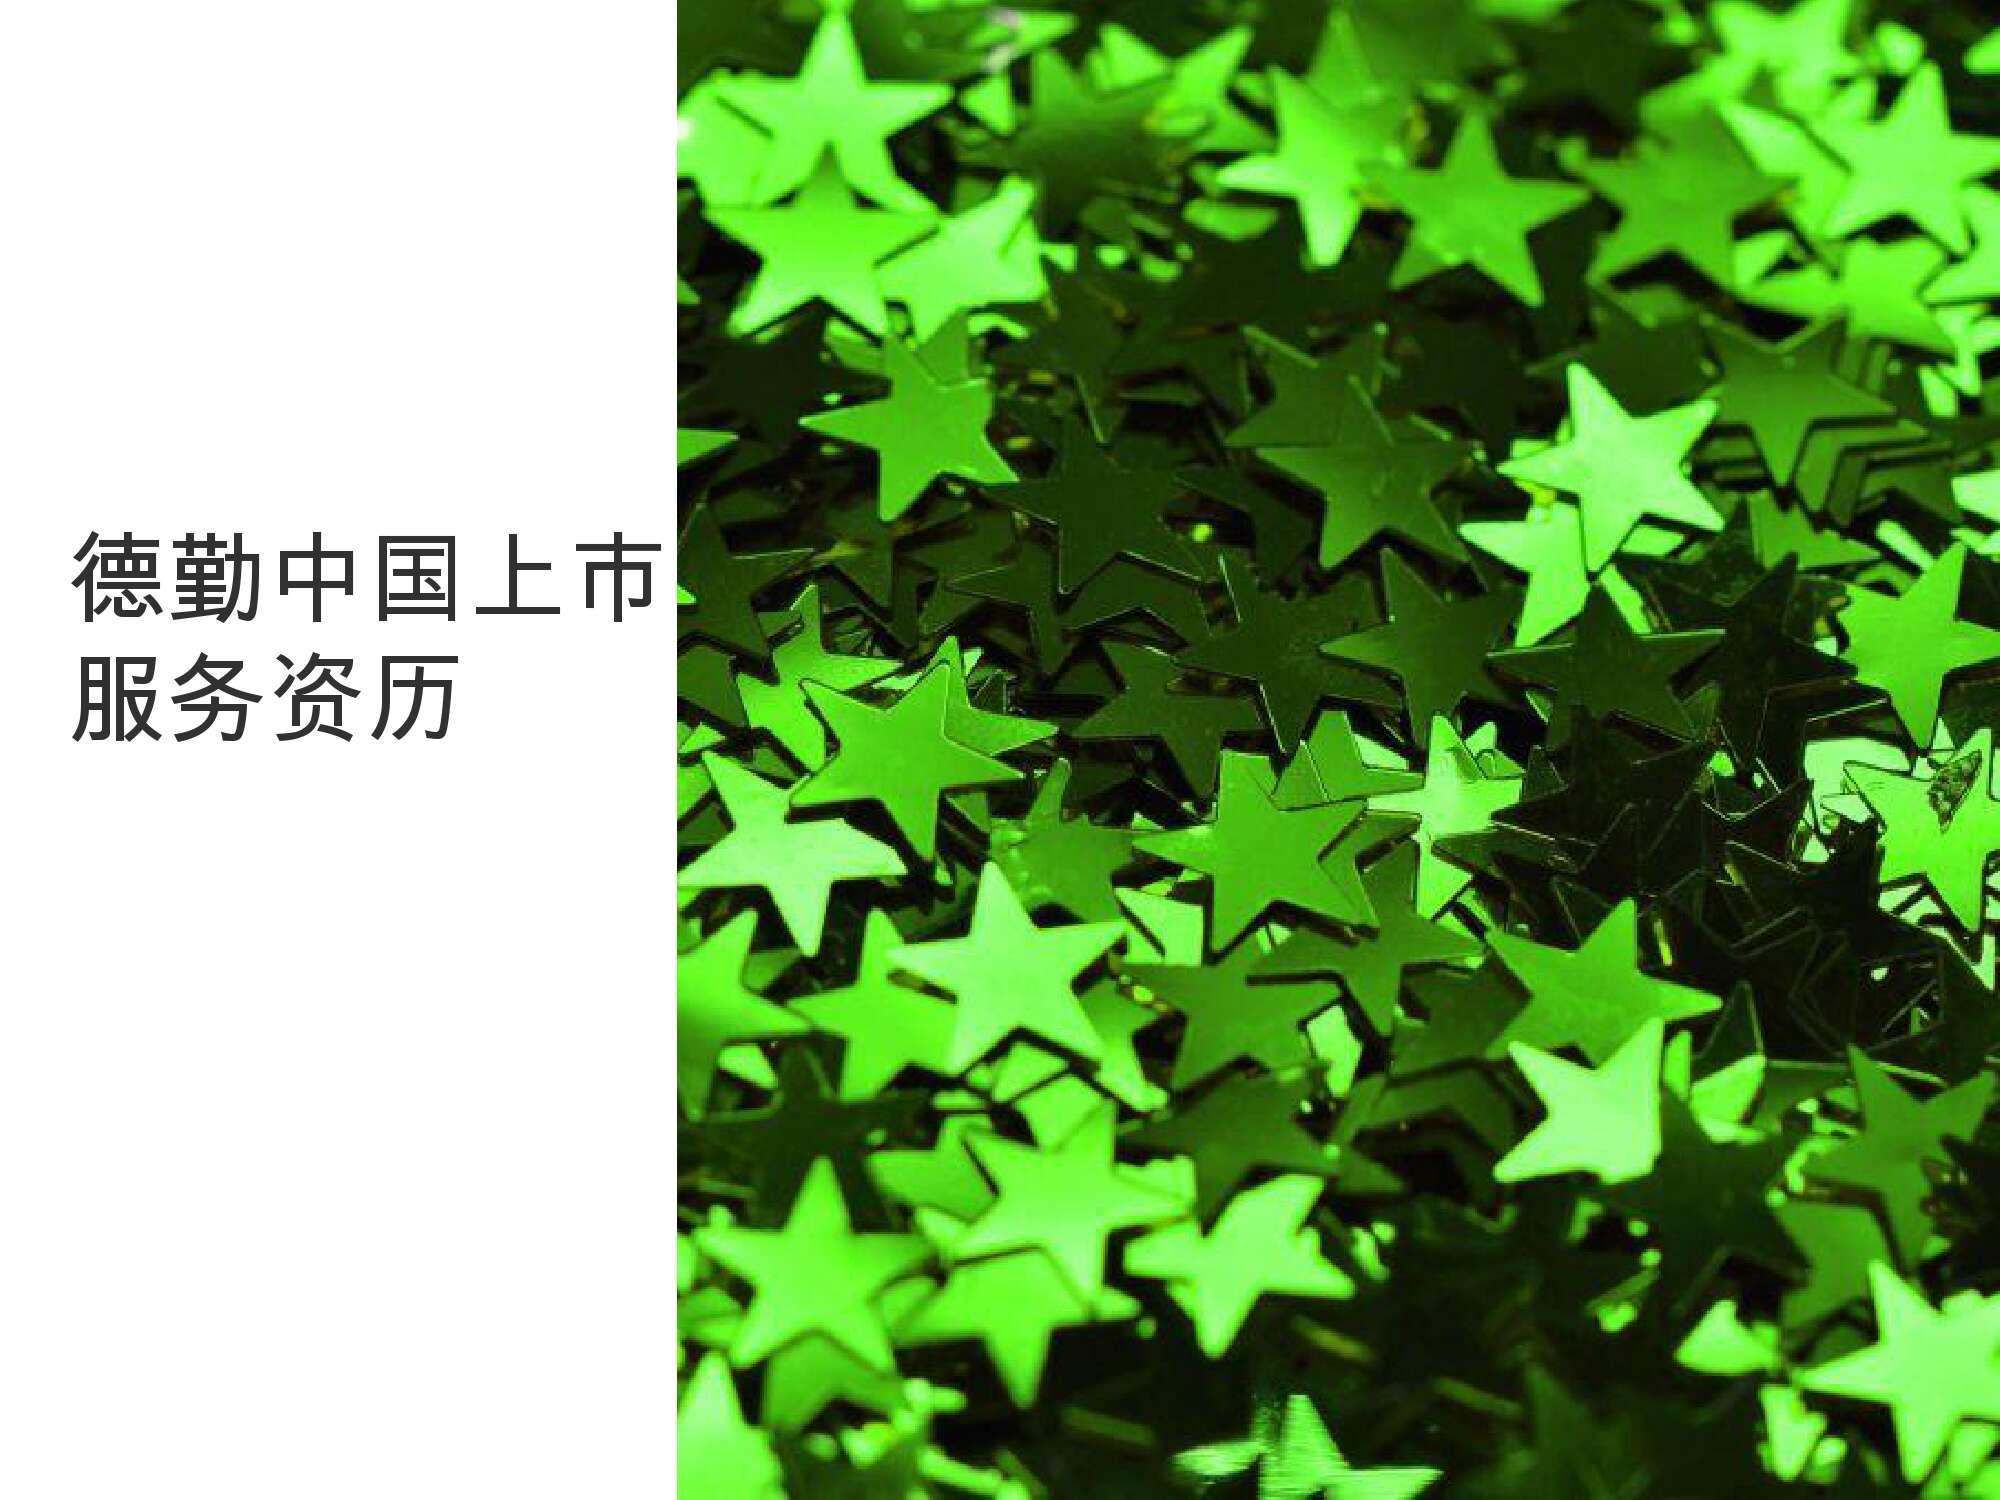 香港及中国大陆IPO市场2016年1季度_000038